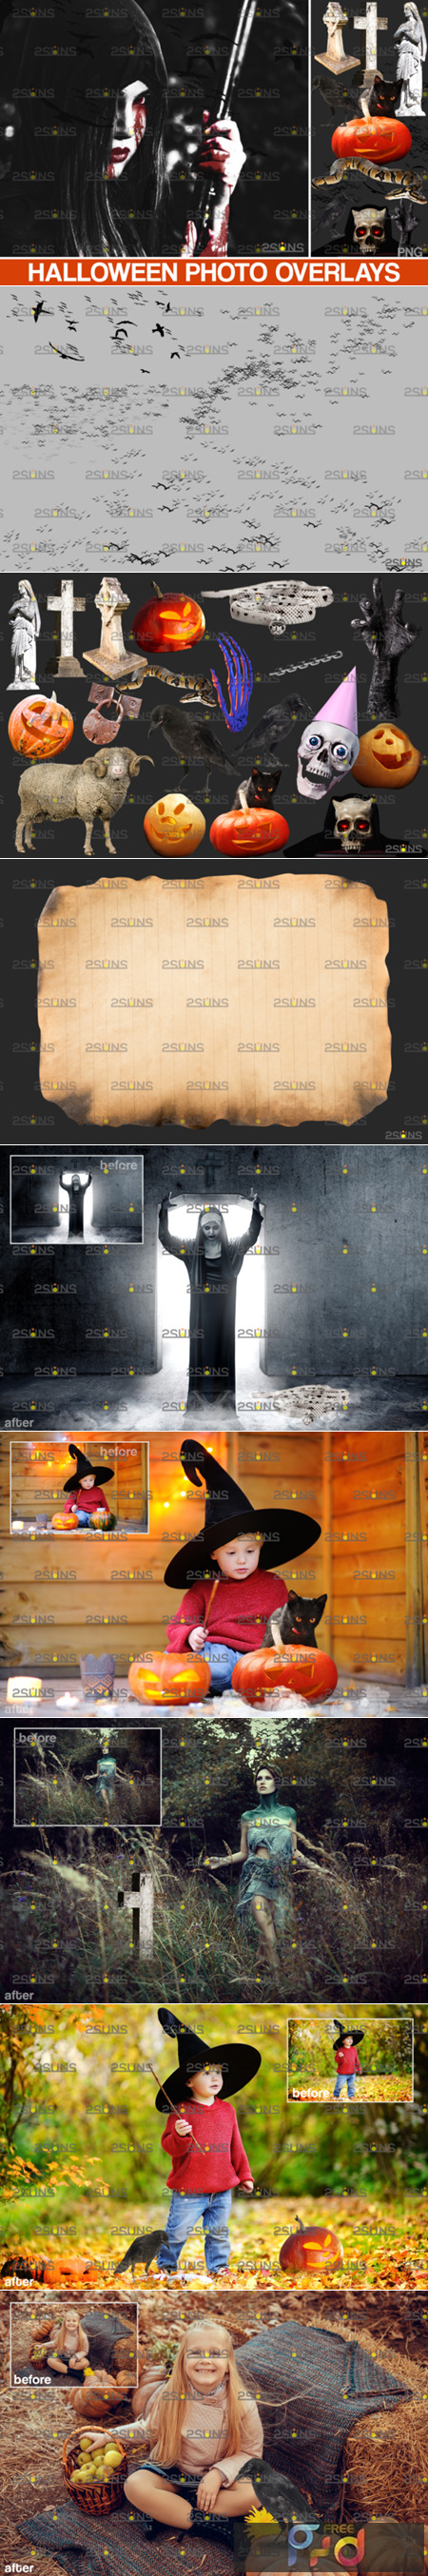 Halloween Clipart & Halloween Overlays 5542443 1